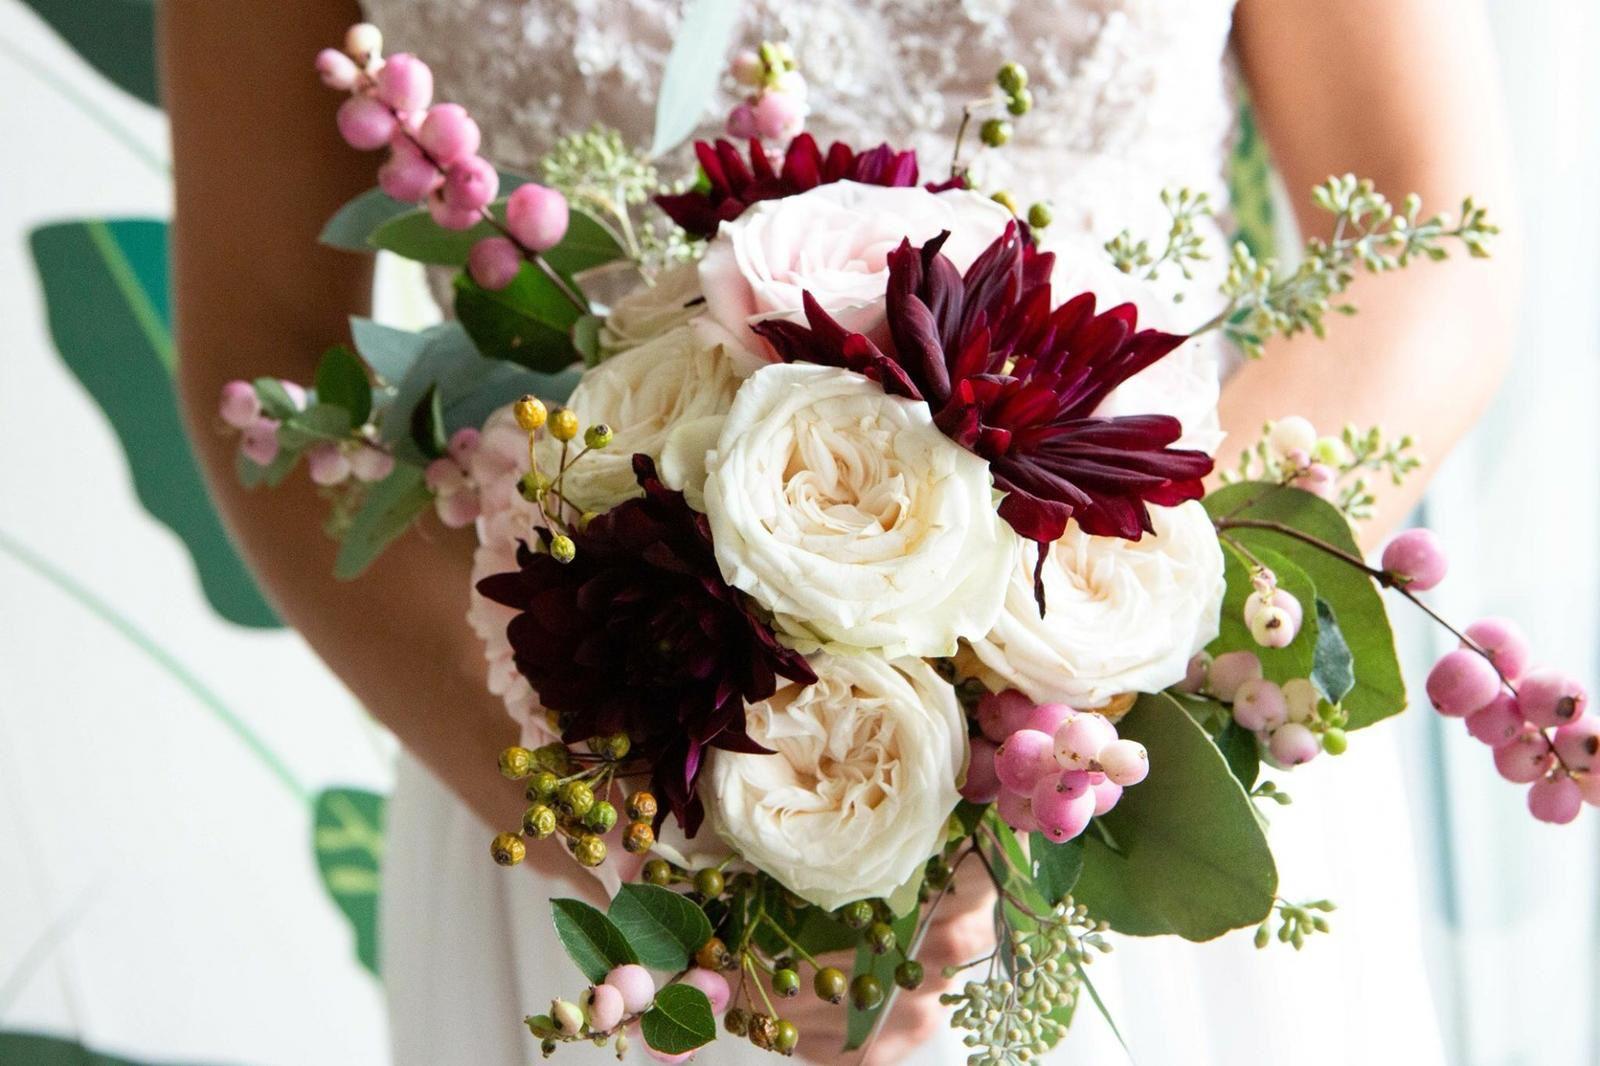 Fiori Di Settembre Per Bouquet Sposa.La Sposa Vispa Matrimonio Floreale Bouquet Da Sposa Bouquet